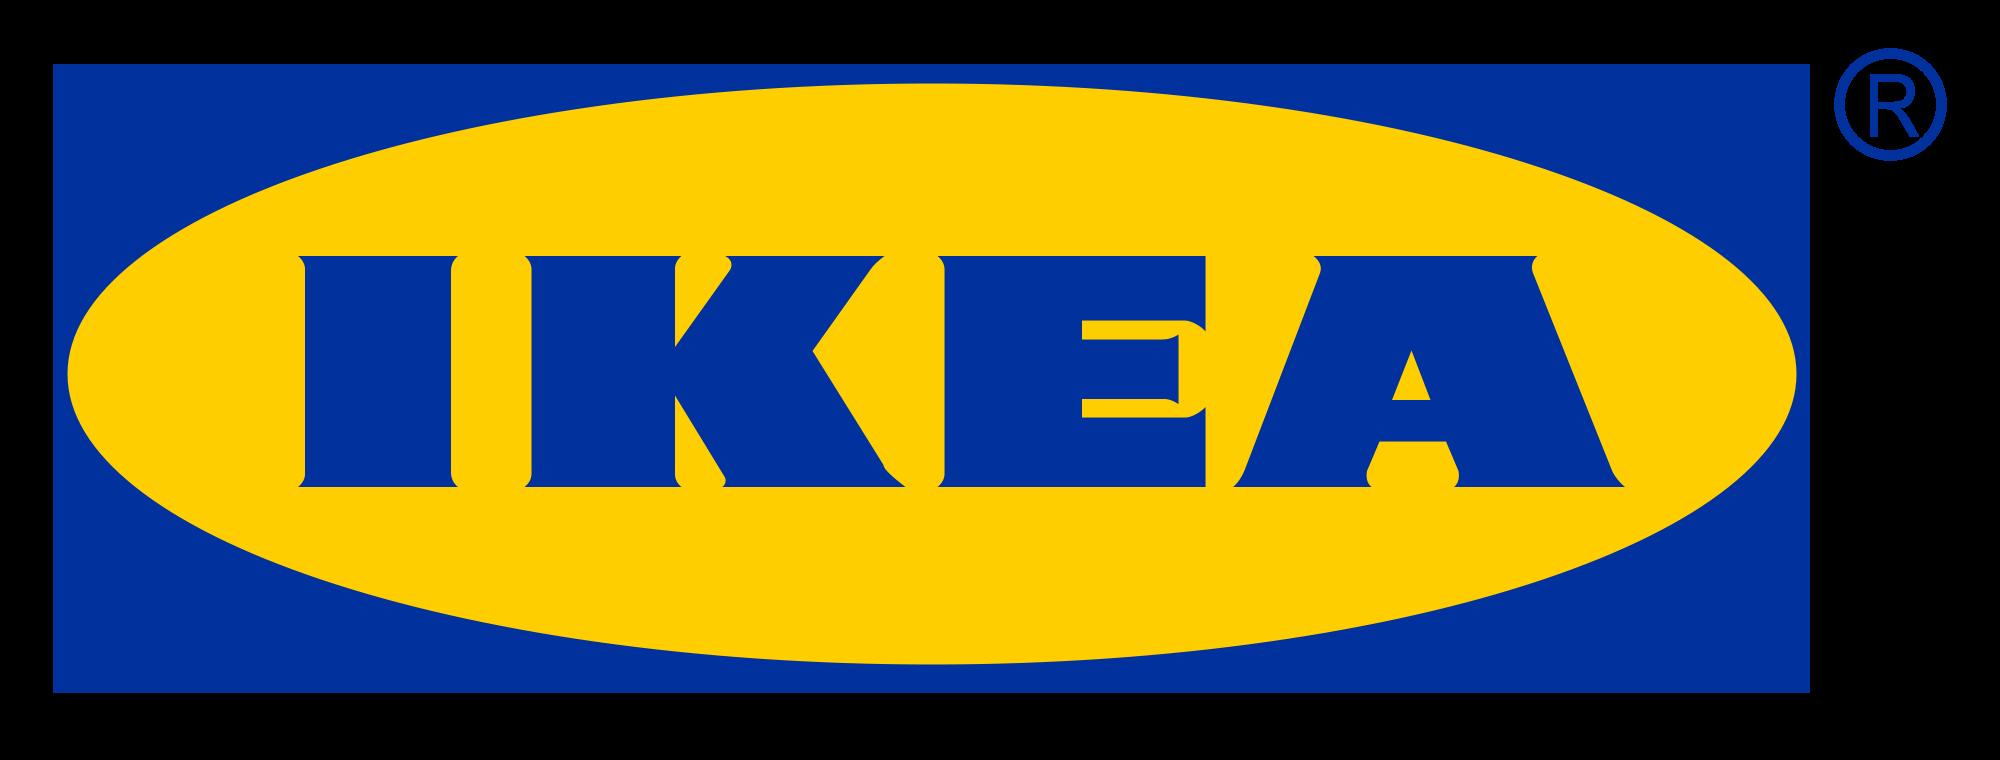 File:Ikea.